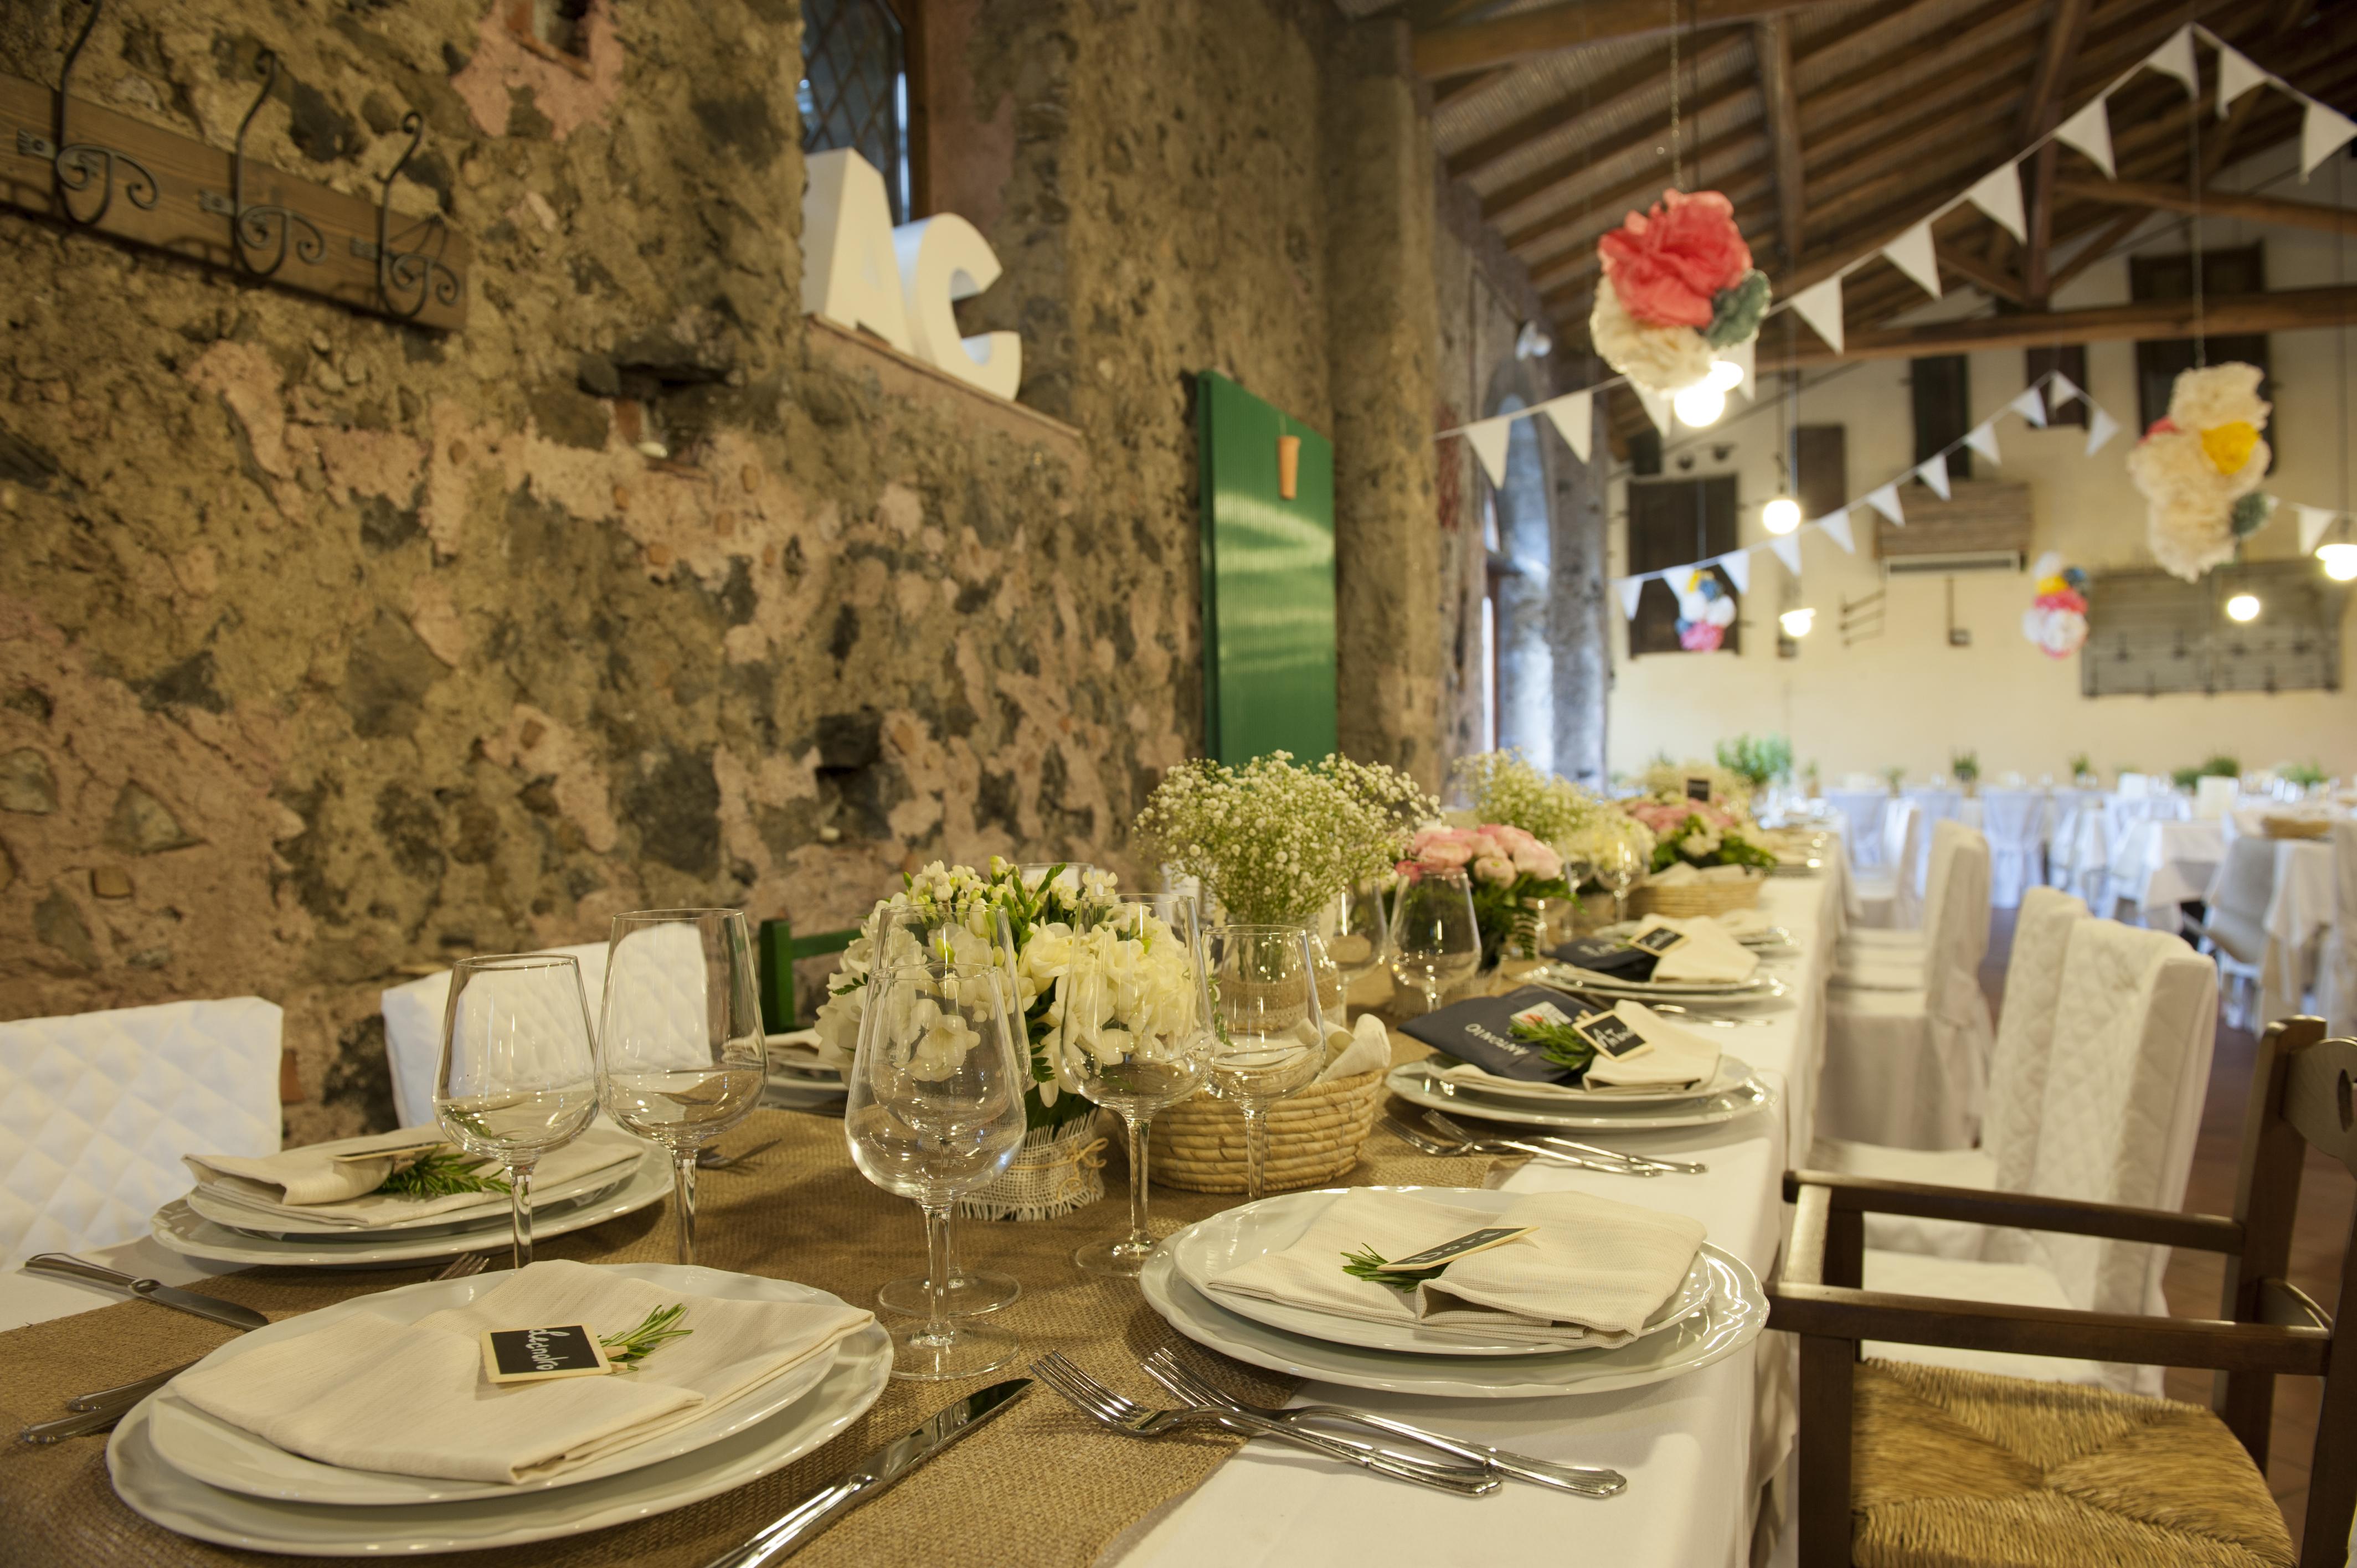 Matrimonio Country Chic Verona : Gc i ricevimenti di case perrotta